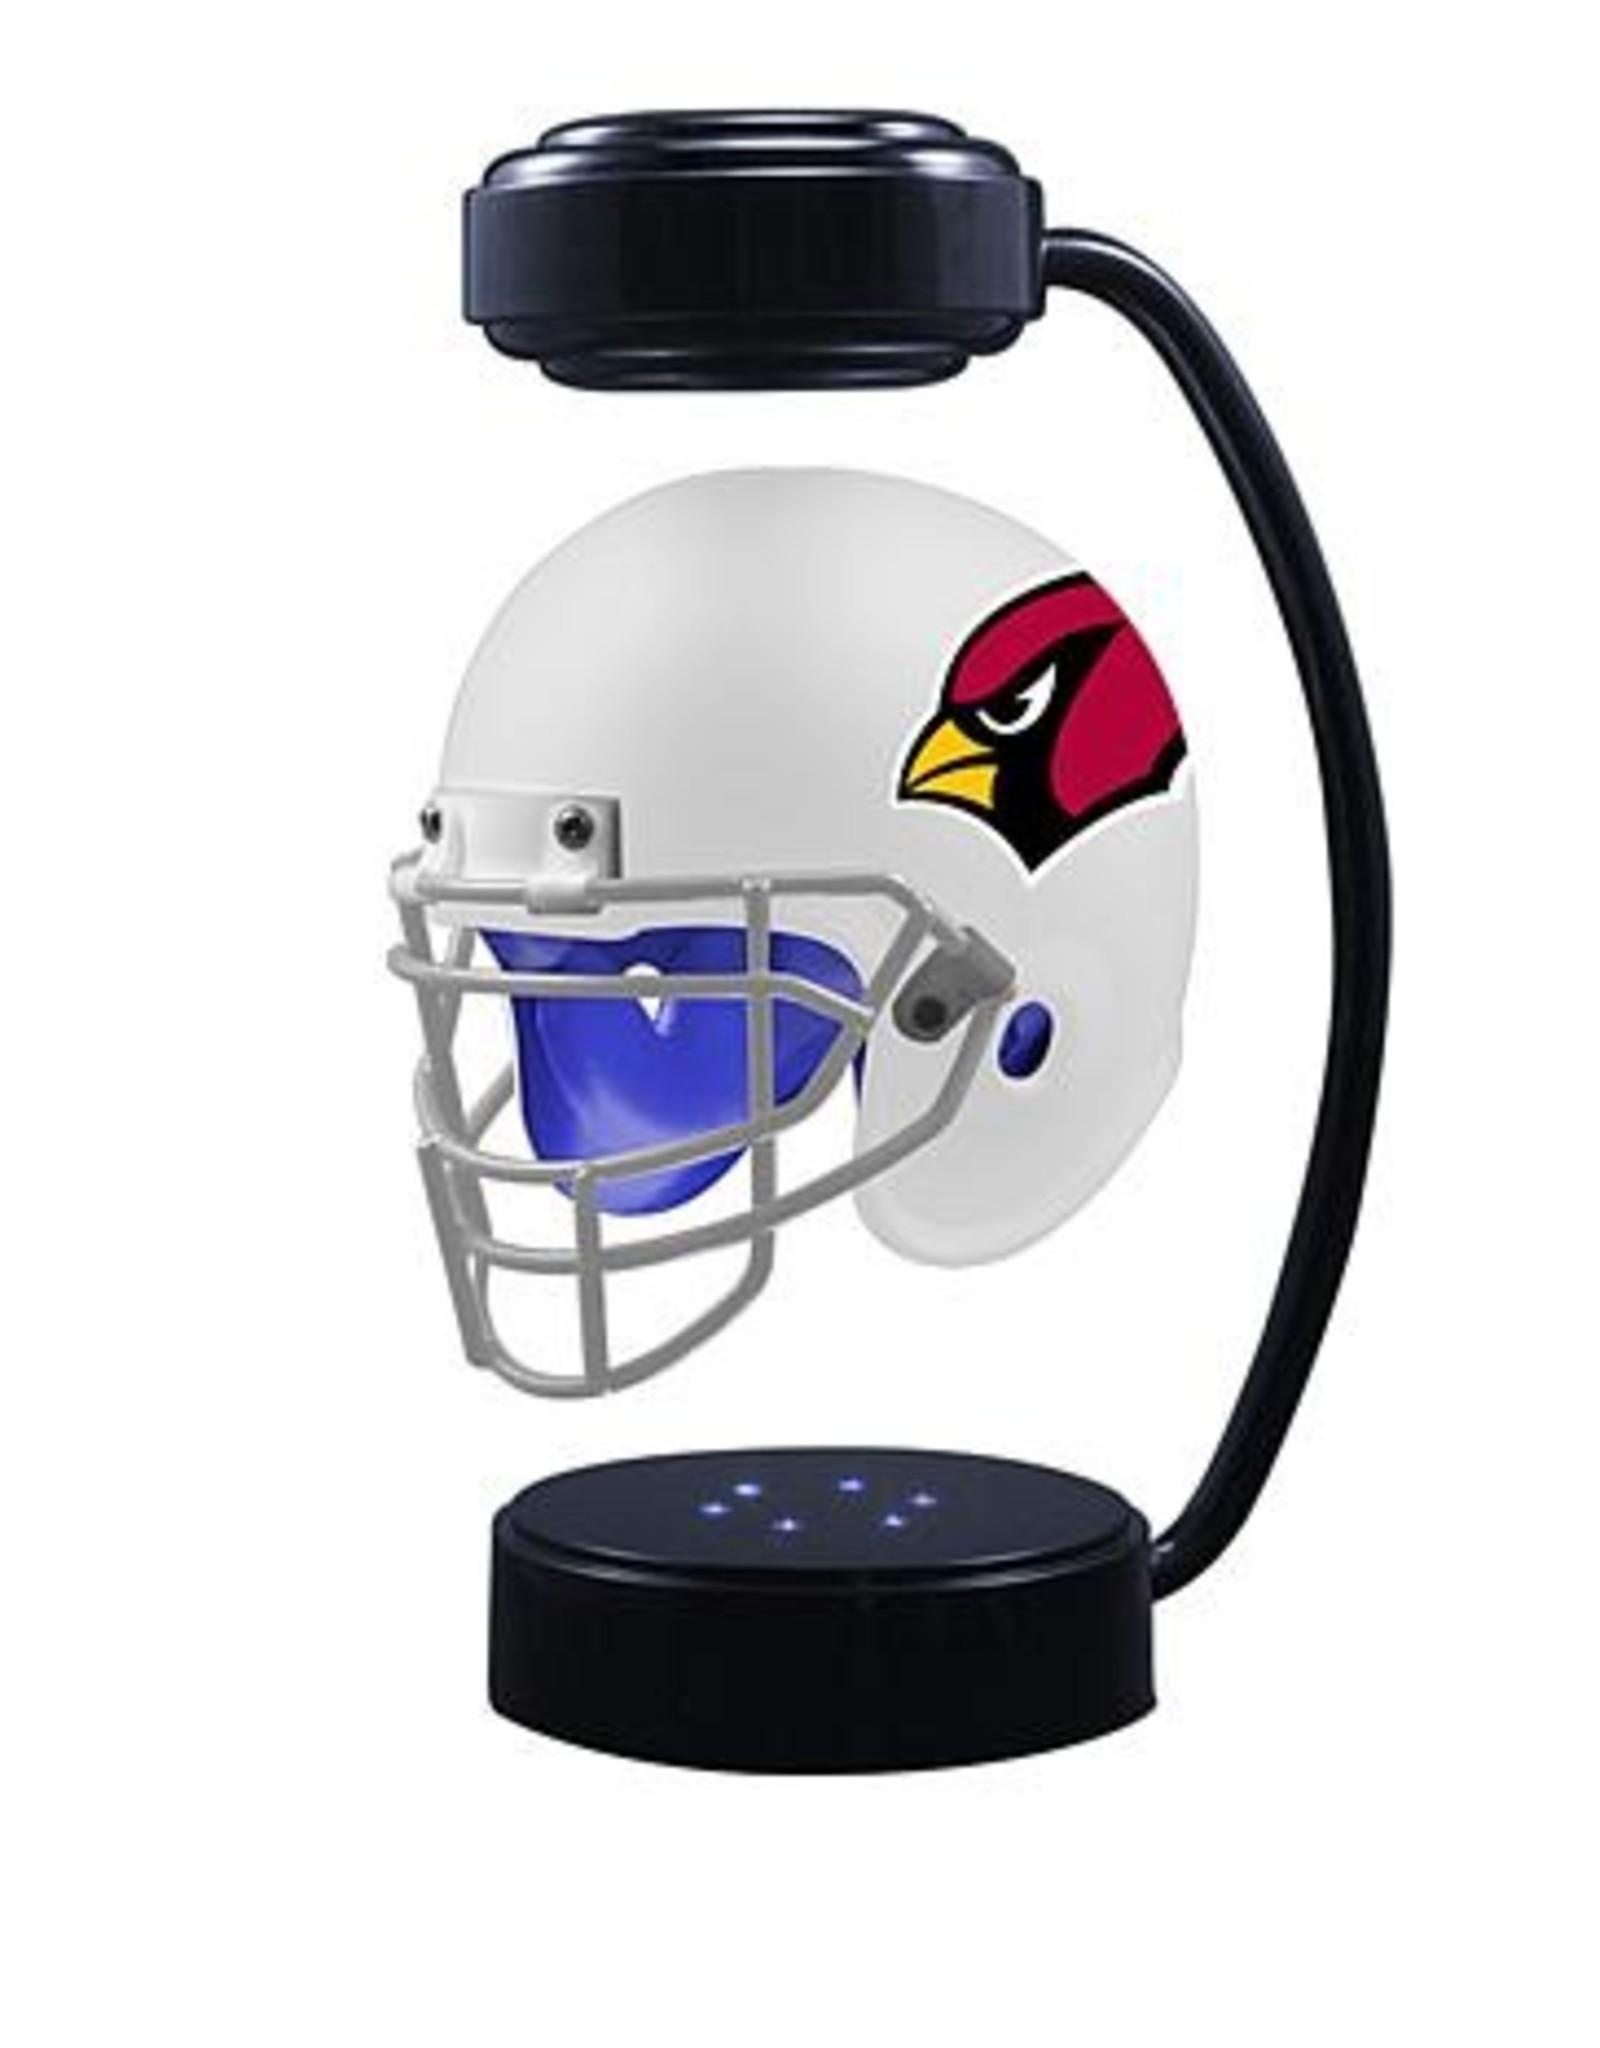 HOVER HELMETS Arizona Cardinals Collectible Levitating Hover Helmet